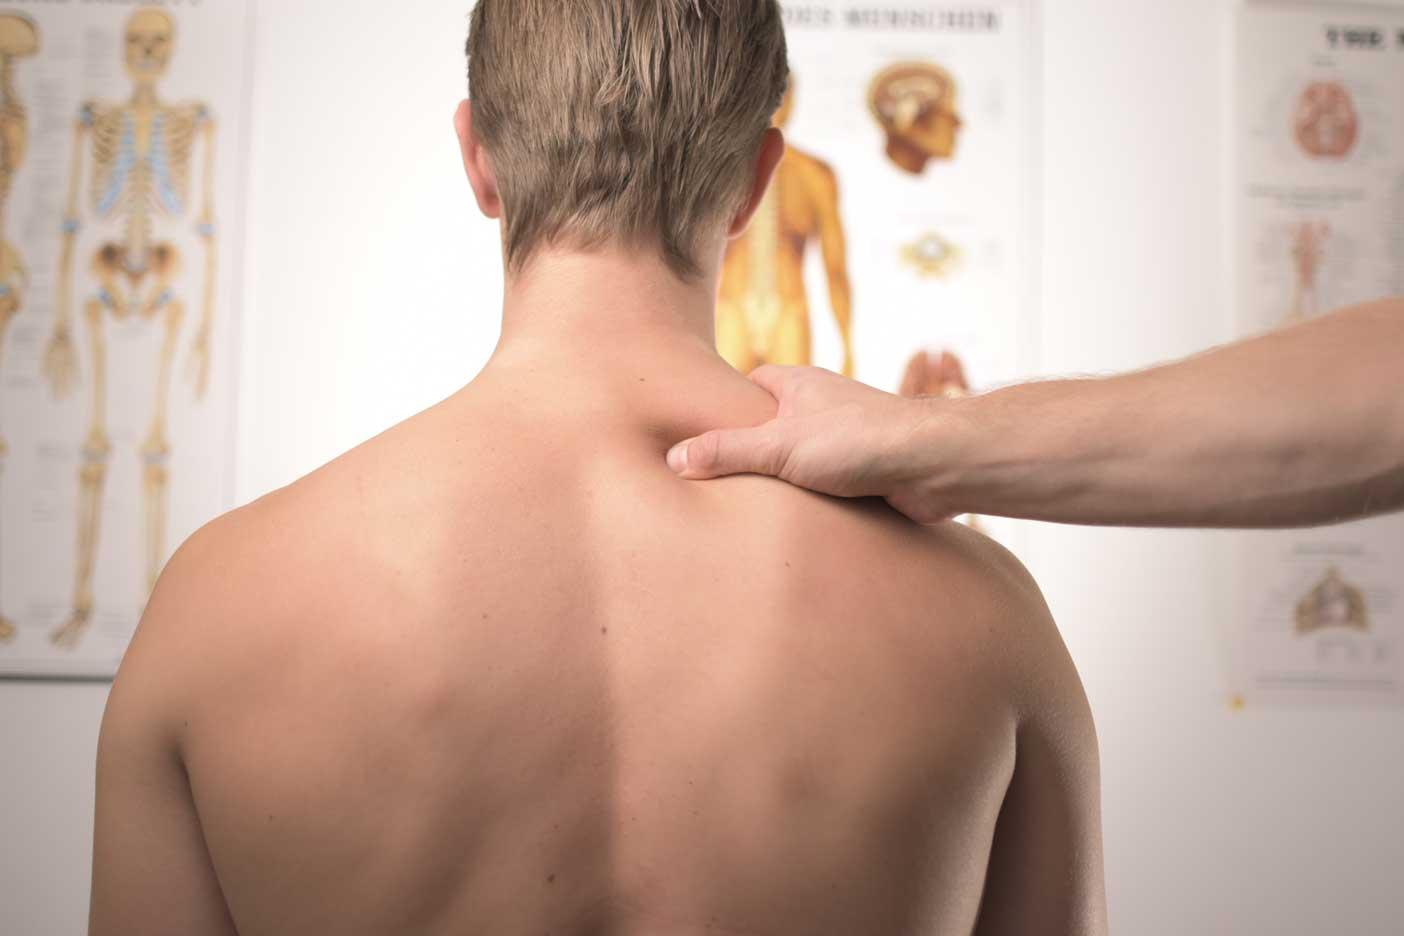 Ból kręgosłupa w pracy - przyczyny i zapobieganie